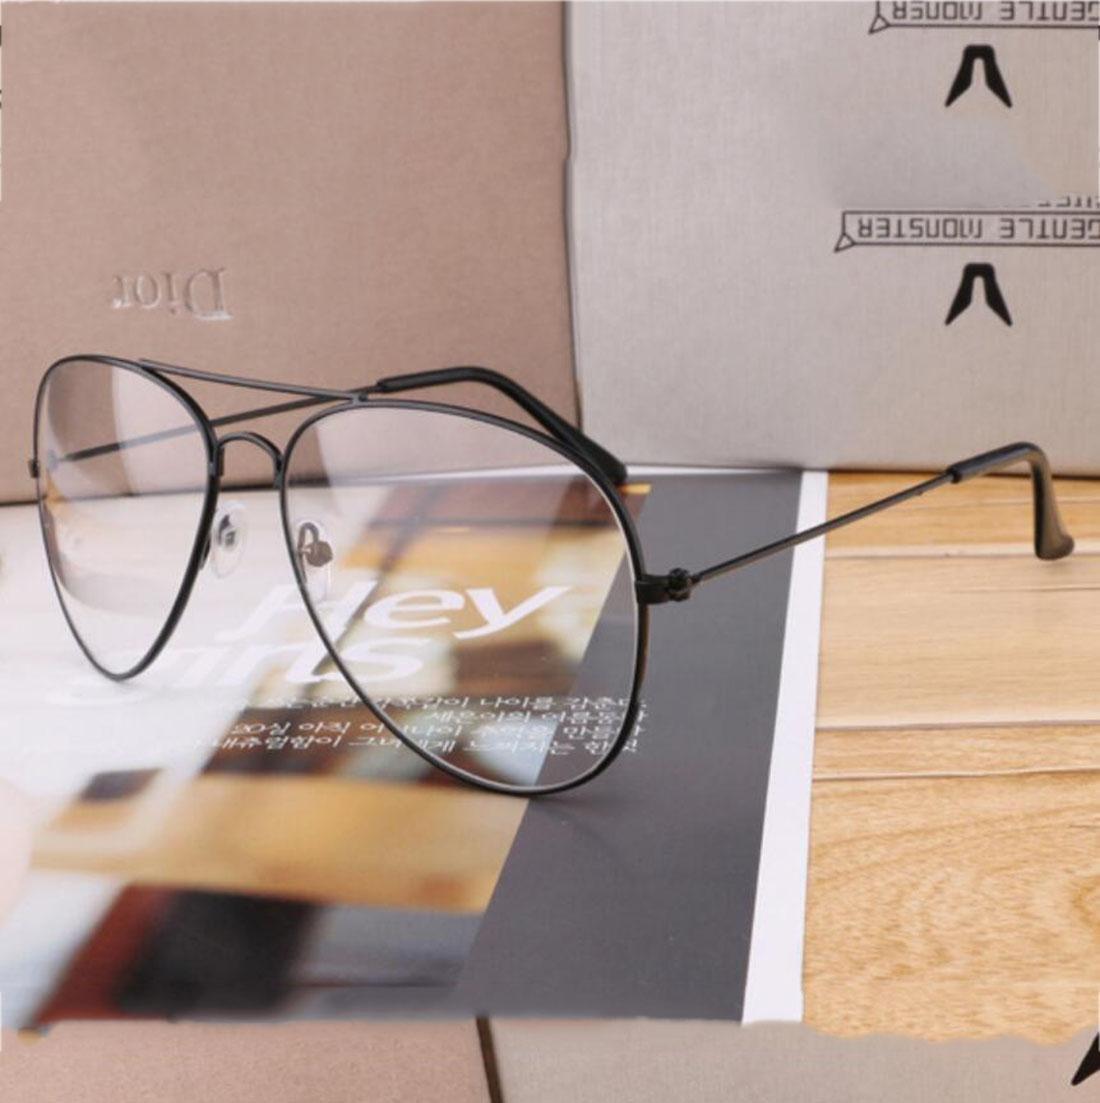 Z&YQ klar Linse Spiegel Flieger Gläser Myopie Schutzbrillen dünnen ...